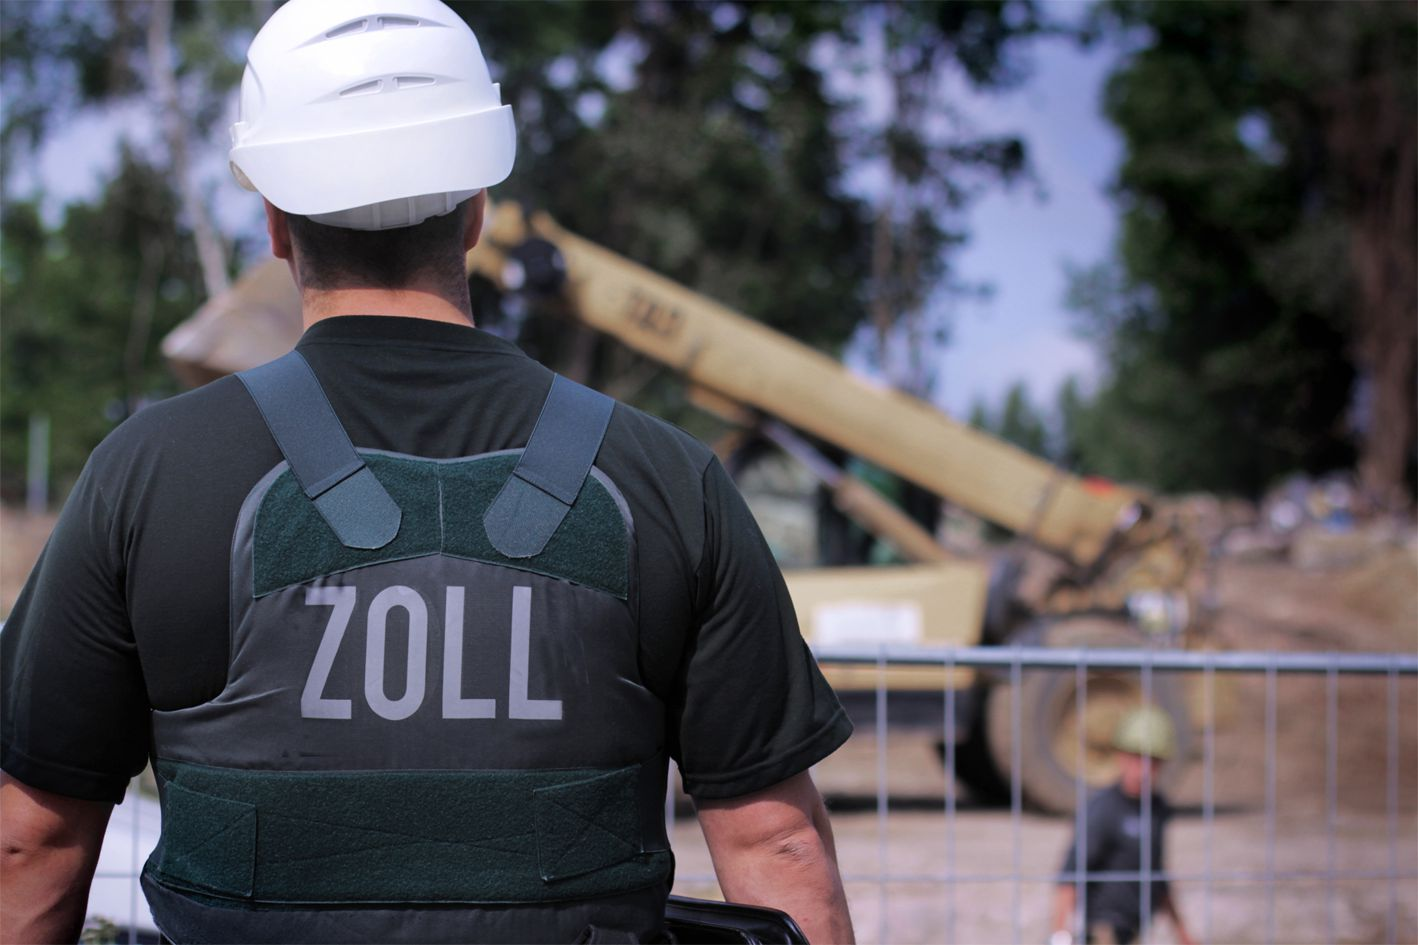 Schwarzarbeit und Sozialbetrug am Bau kosten Staat 14,2 Millionen Euro